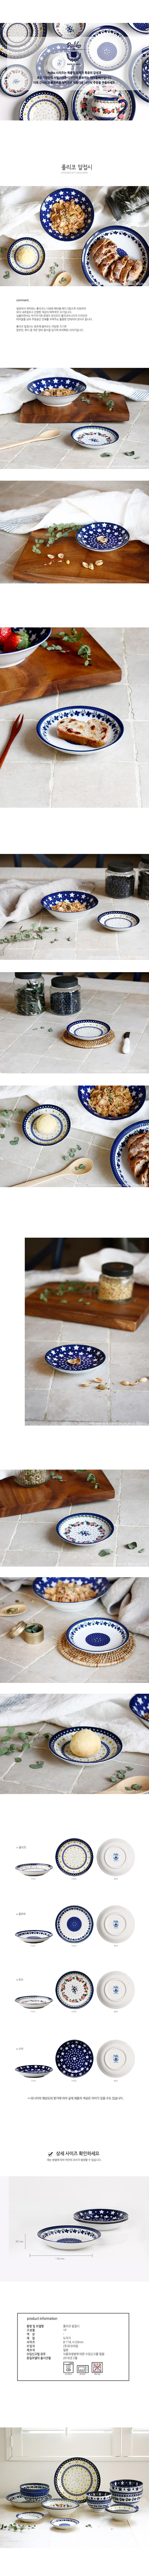 폴리코 앞접시(4 type)3,000원-로코리빙주방/푸드, 주방식기, 접시/찬기, 도자기바보사랑폴리코 앞접시(4 type)3,000원-로코리빙주방/푸드, 주방식기, 접시/찬기, 도자기바보사랑